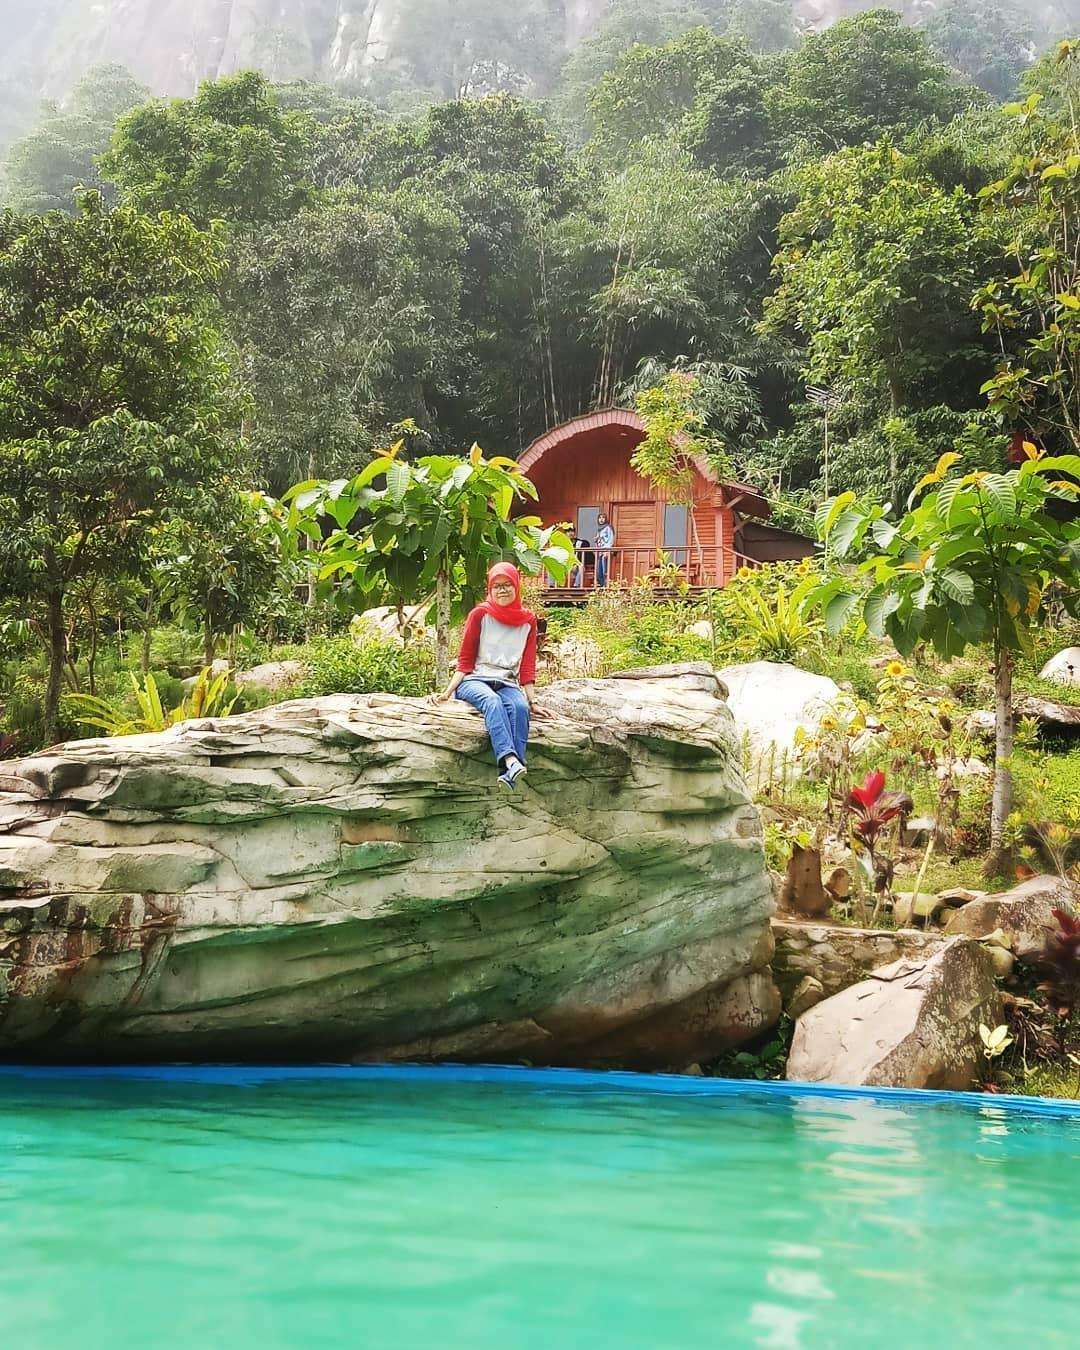 spot foto keren di dekat kolam renang sasak panyawangan purwakarta